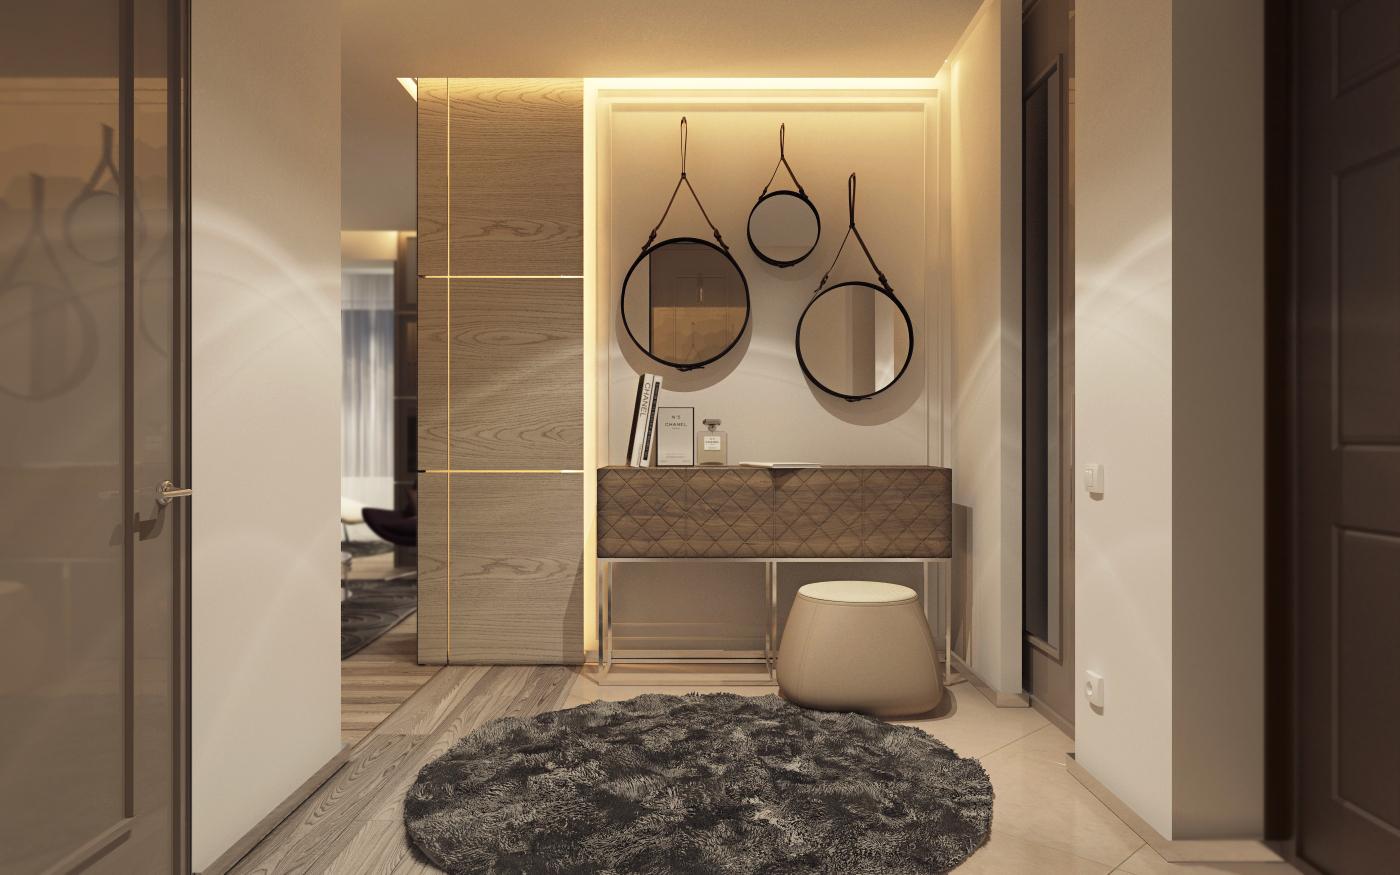 simple minimalist interior